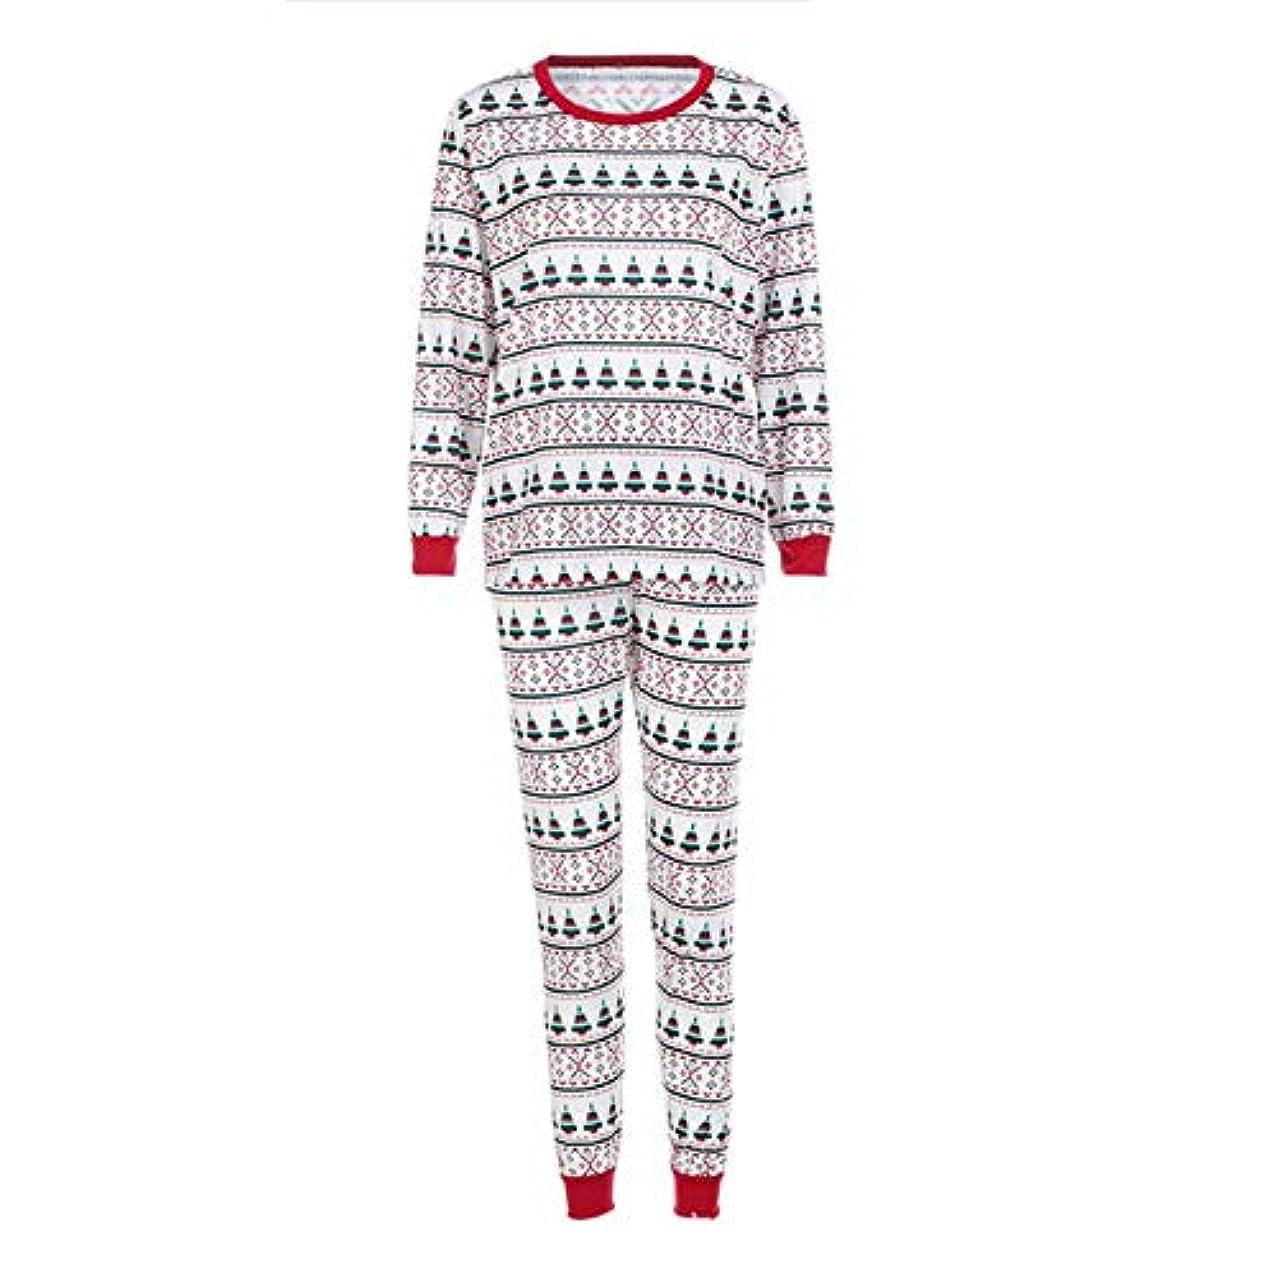 実質的に横自動的にQuquack 851家族クリスマスパジャマ家族の一致の服装父母娘女の子男の子服セットパジャマ家族の外観